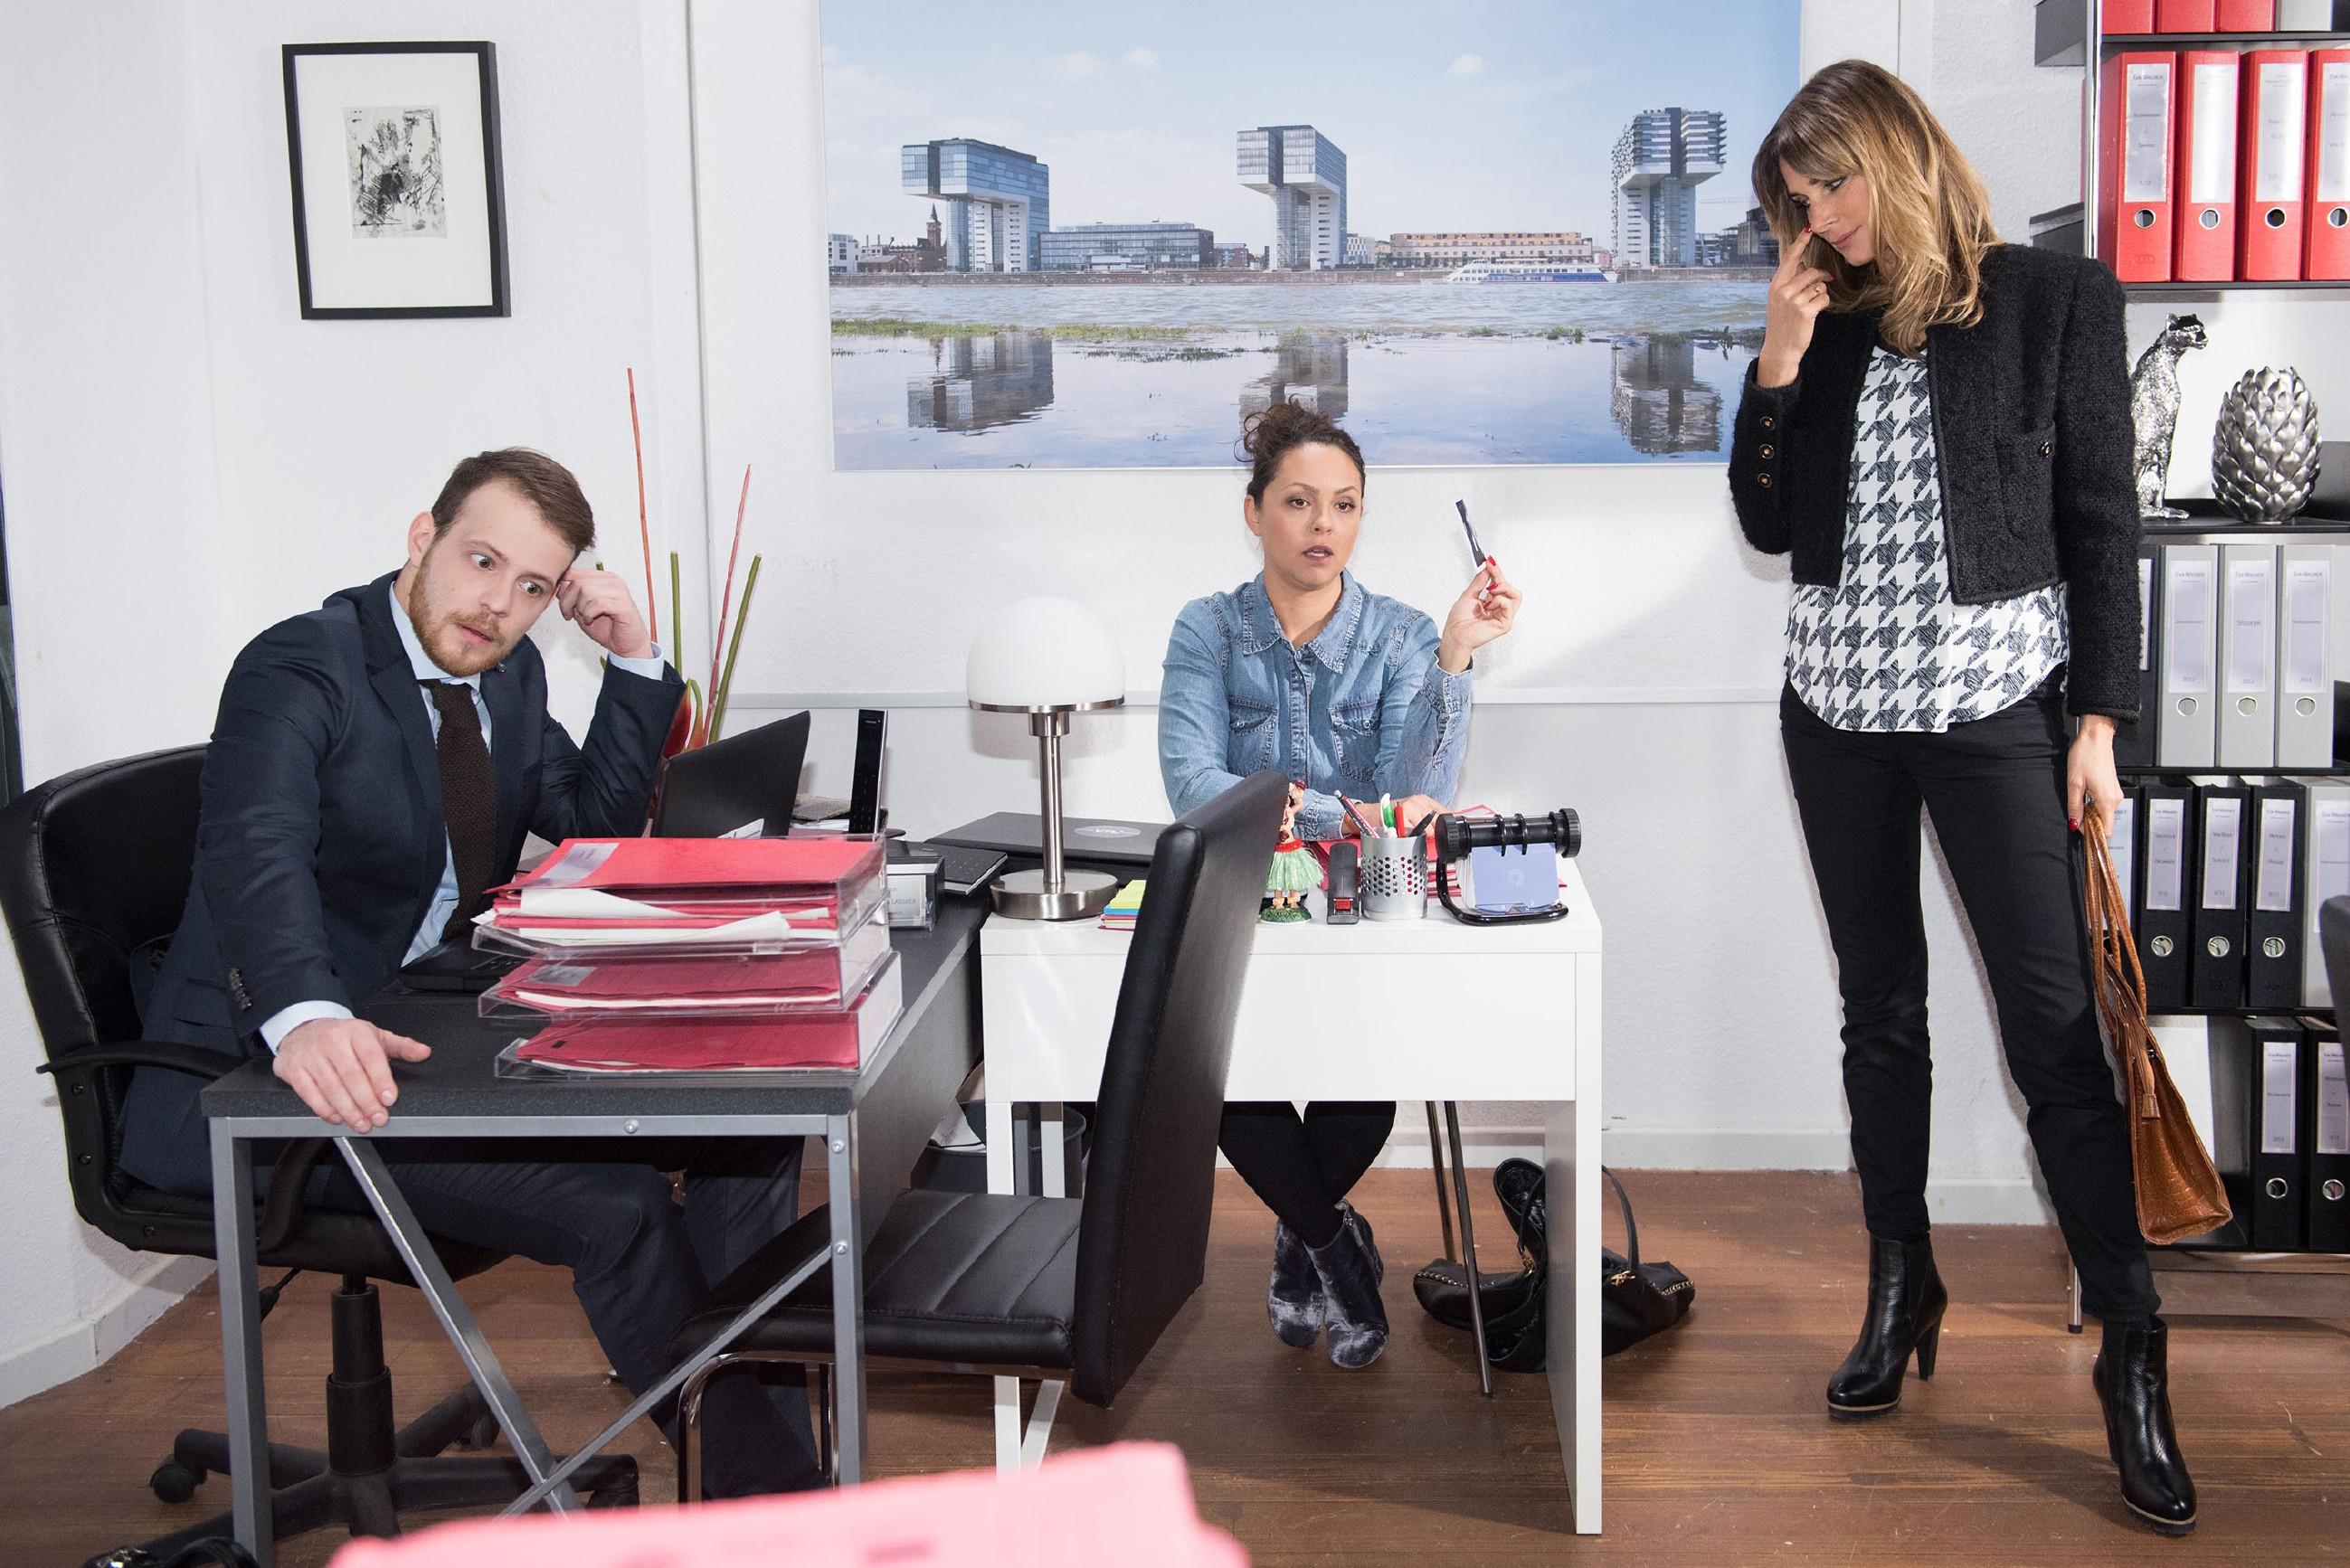 Eva (Claudelle Deckert, r.) bringt Caro (Ines Kurenbach) gegen sich auf, als sie glaubt, Tobias (Patrick Müller) sei der Vater von ihrem Kind. (Quelle: RTL / Stefan Behrens)